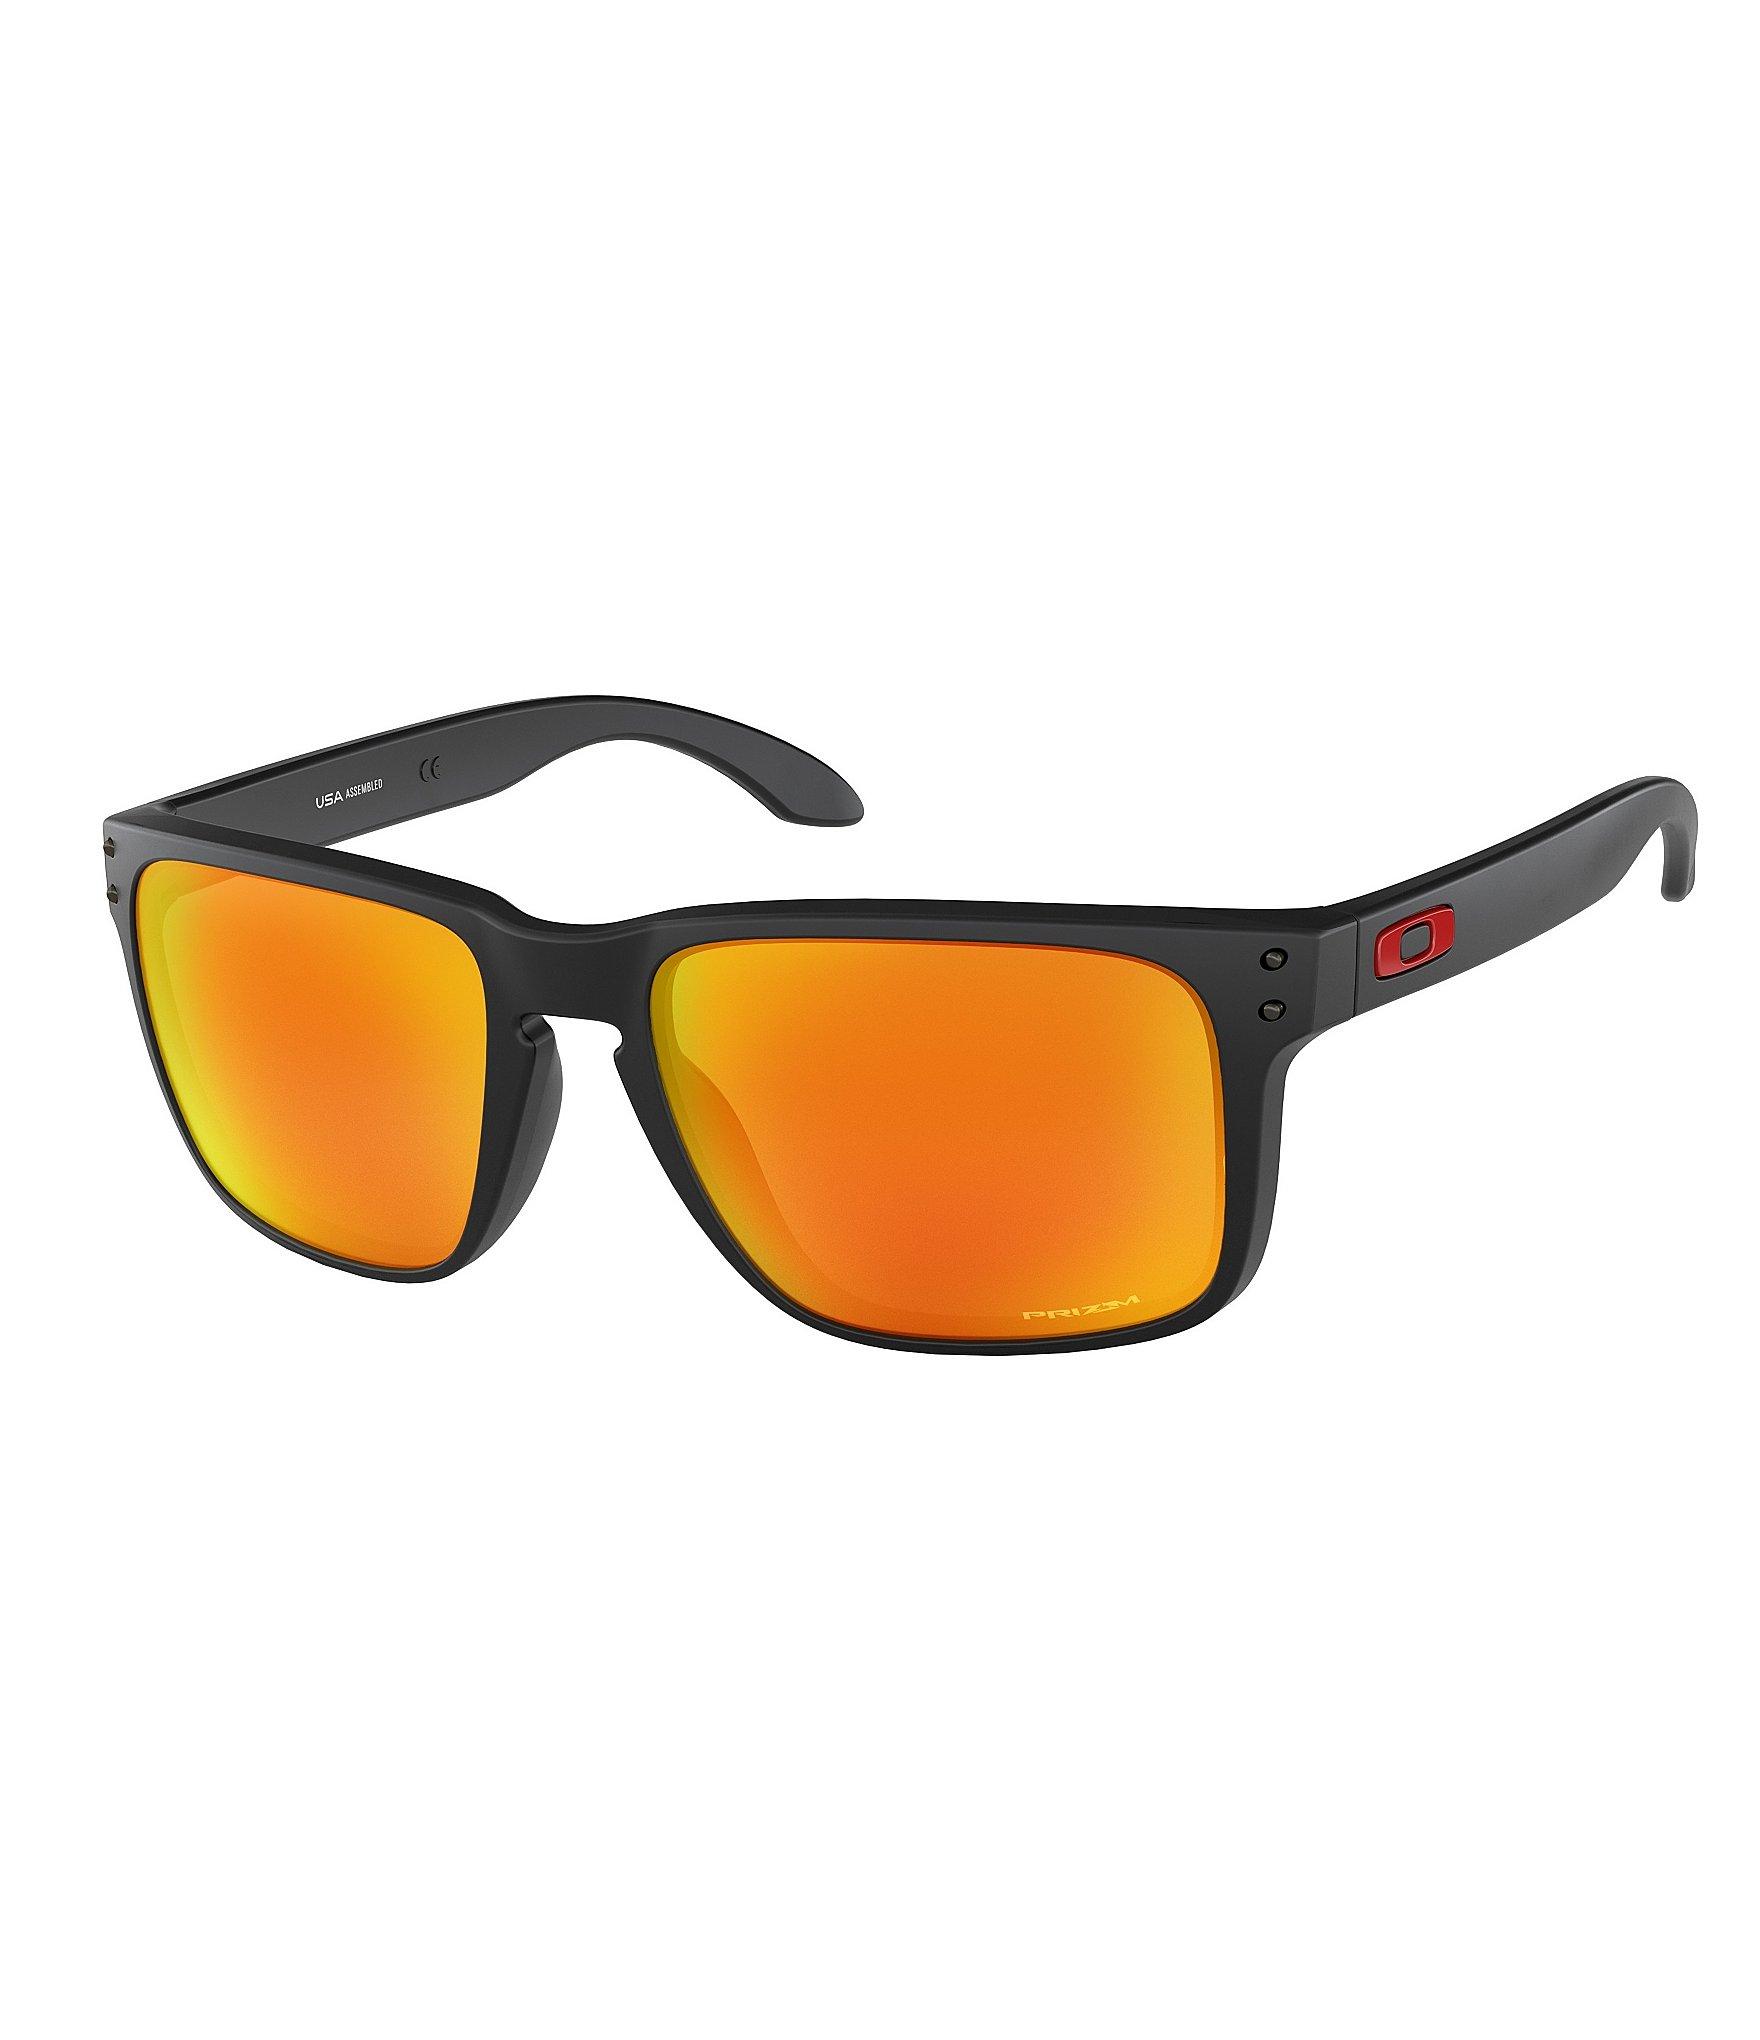 3aa0dfec887 Oakley Sunglasses   Eyewear